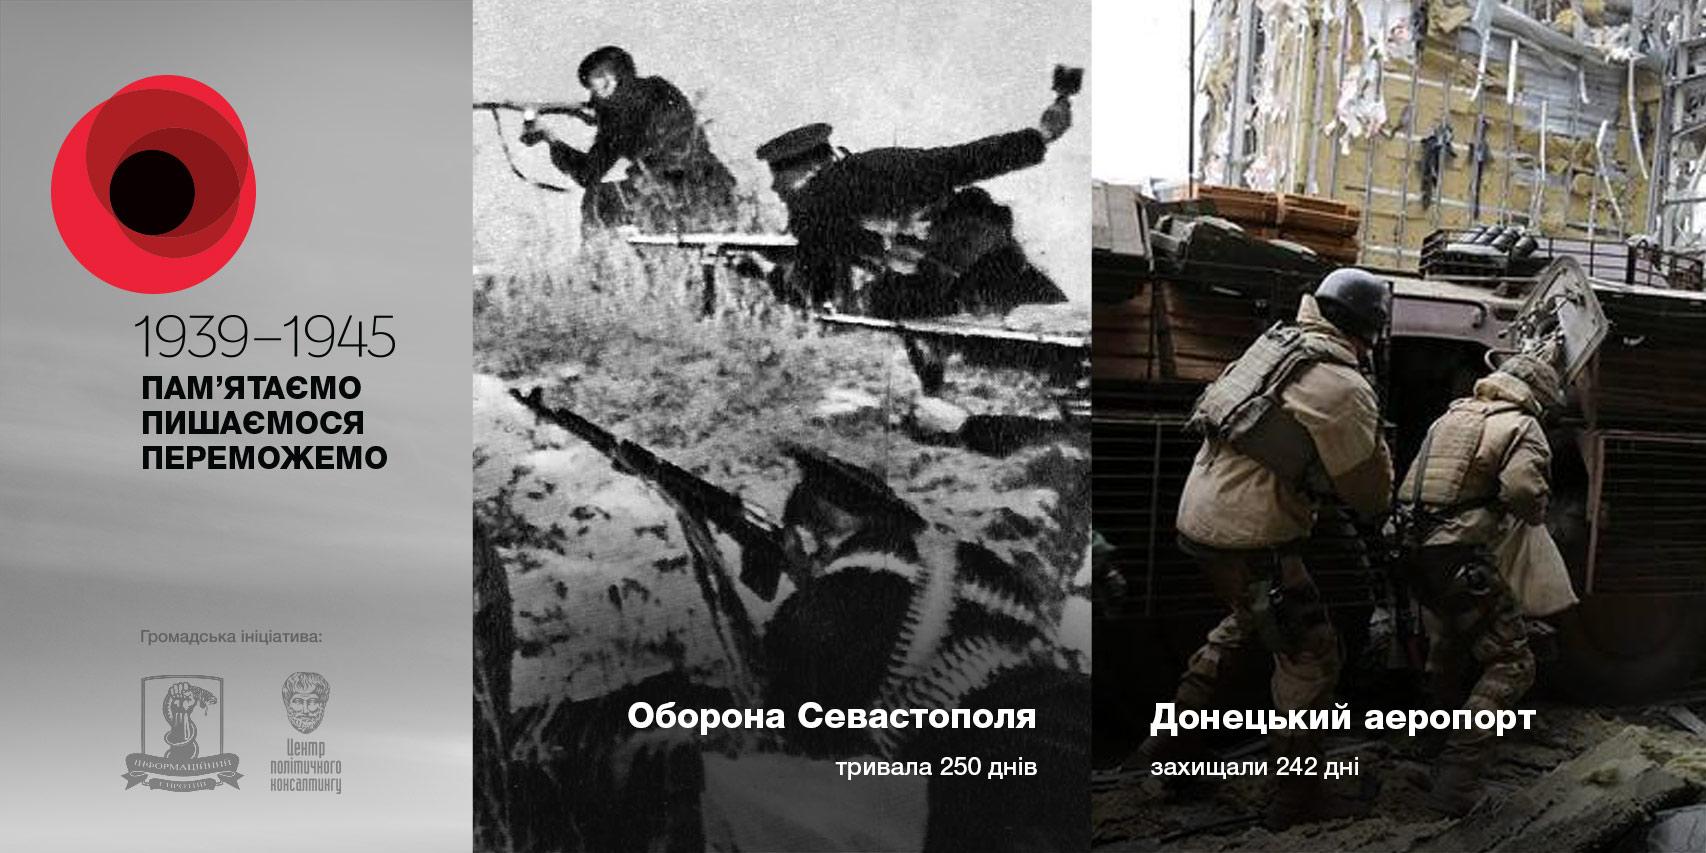 Осторожно! Укро пропаганда ворует идеи и людей из СССР